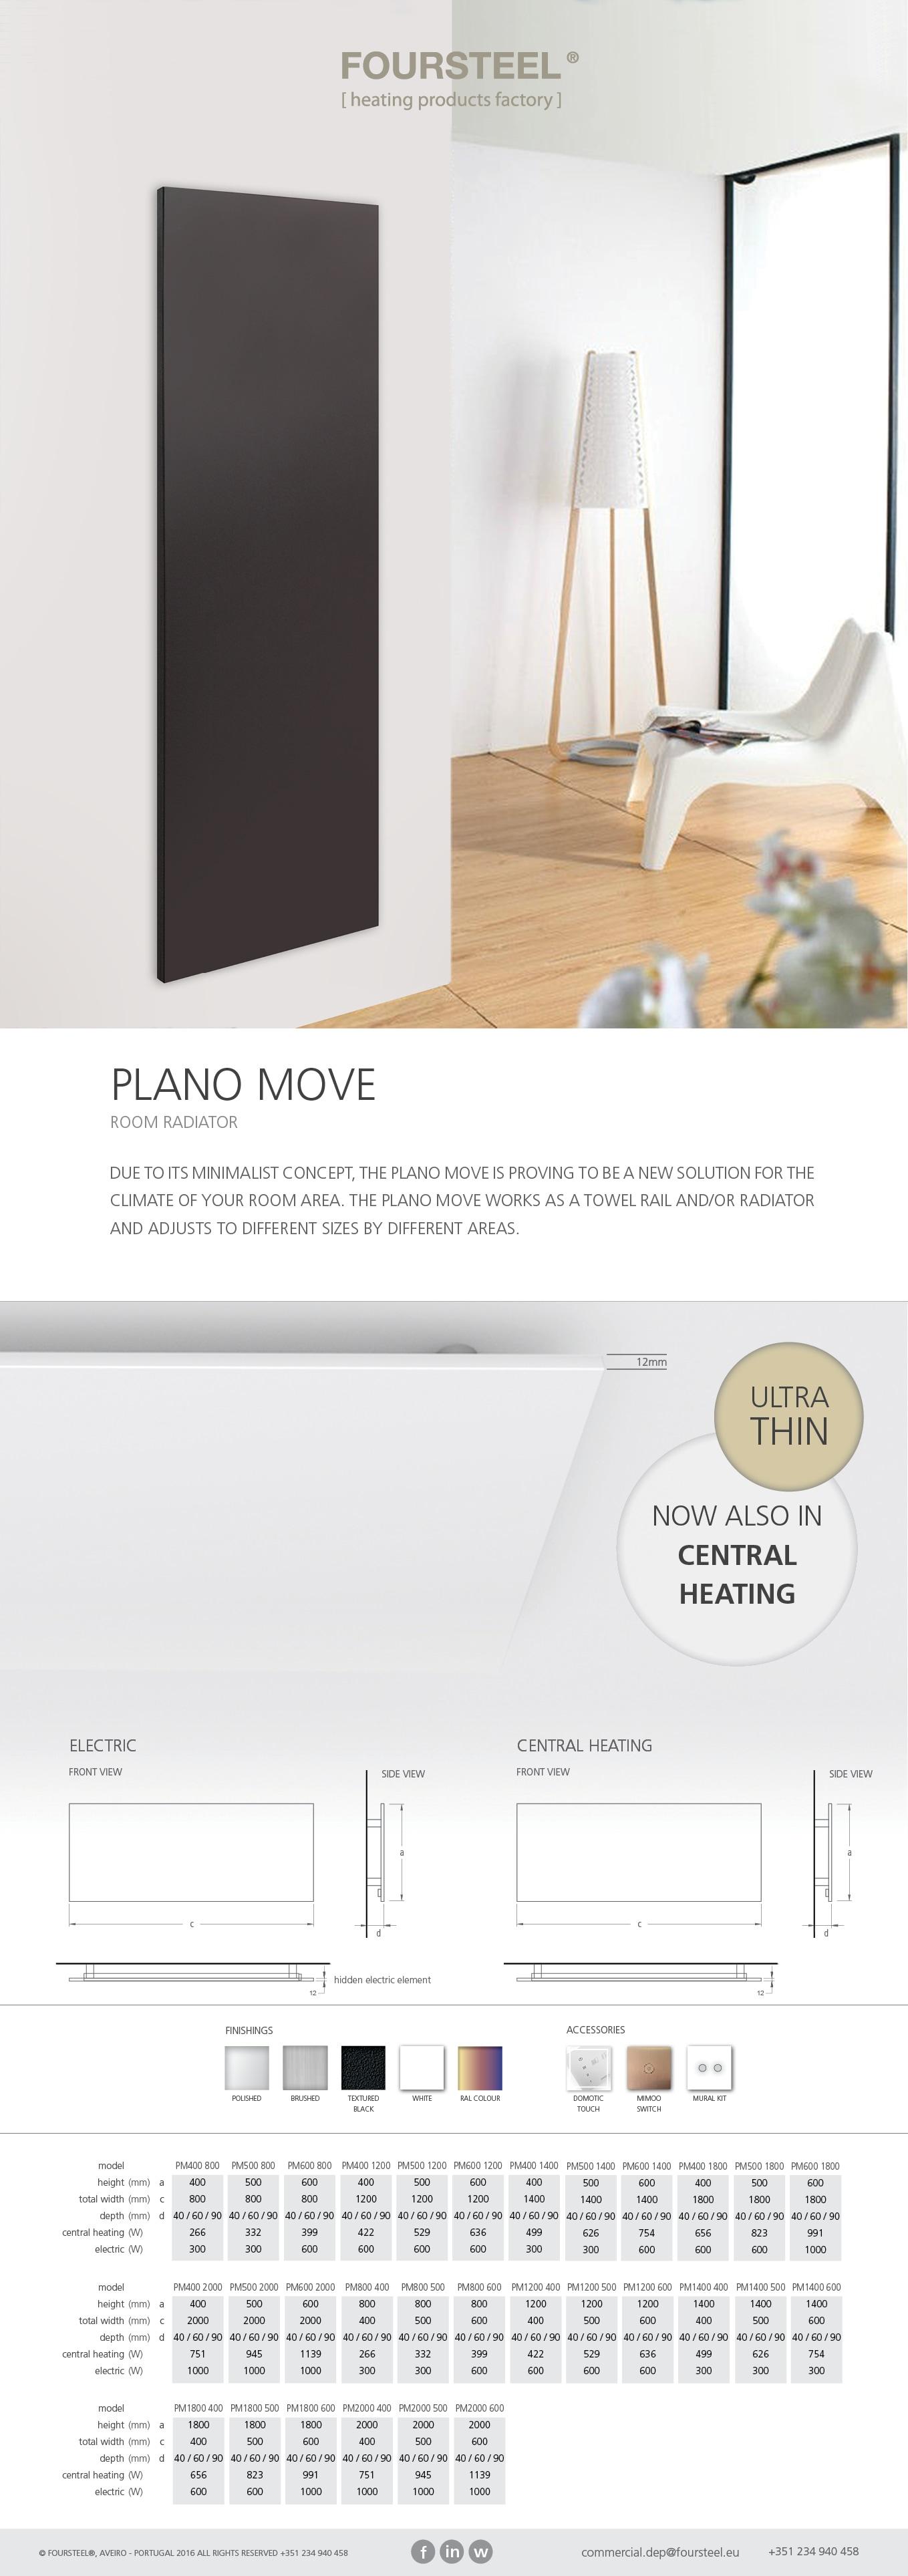 Plano Move - Ago 2016